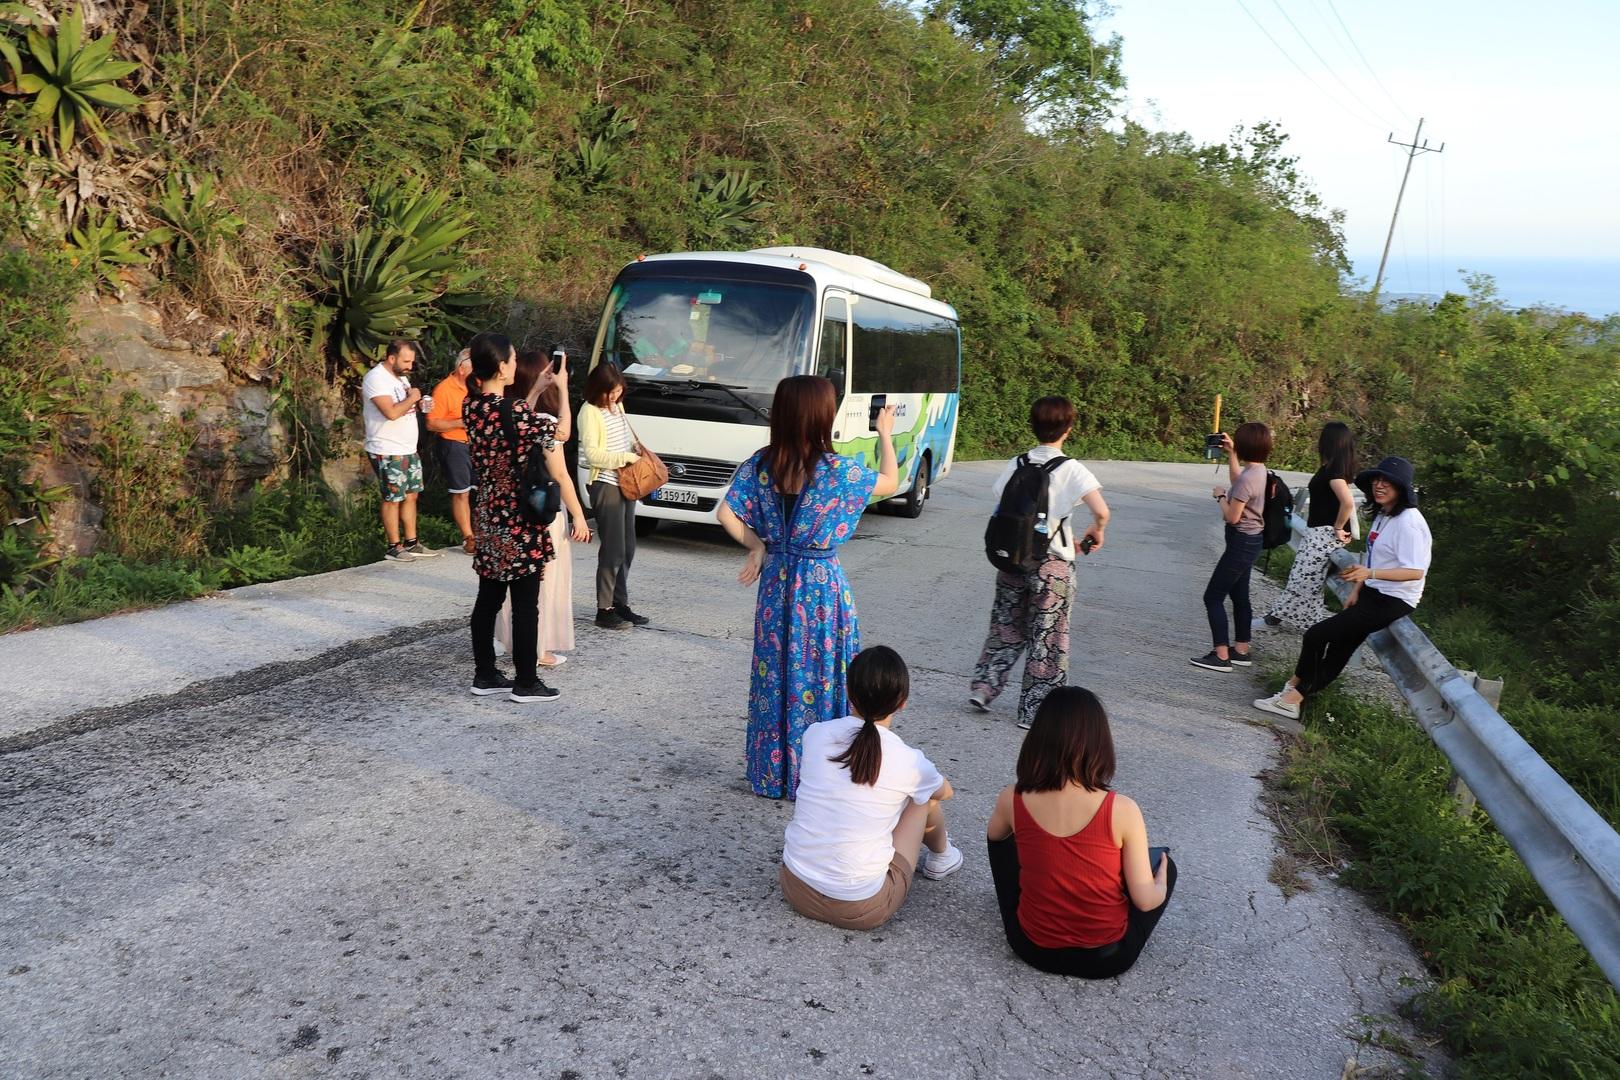 英語ツアーなので外国人が多いかと思ったら、参加者が13名いて、2名がギリシャ人、2名が中国人、残り9名が日本人で楽しいツアーでした。1日目のトリニーダからホテルまでの道は日本ではあり得ない急勾配で中国製マイクロバスが故障し、ひやっとしたり、ホテルは山の上で部屋に蚊がいて、虫除けスプレーで防止したり、ロシア人の団体もいたり、良い経験でした。 2日目はロシア製のサスペンションが全くないようなトラックで、山の途中で現地の方も乗せたりと、面白い経験でした。